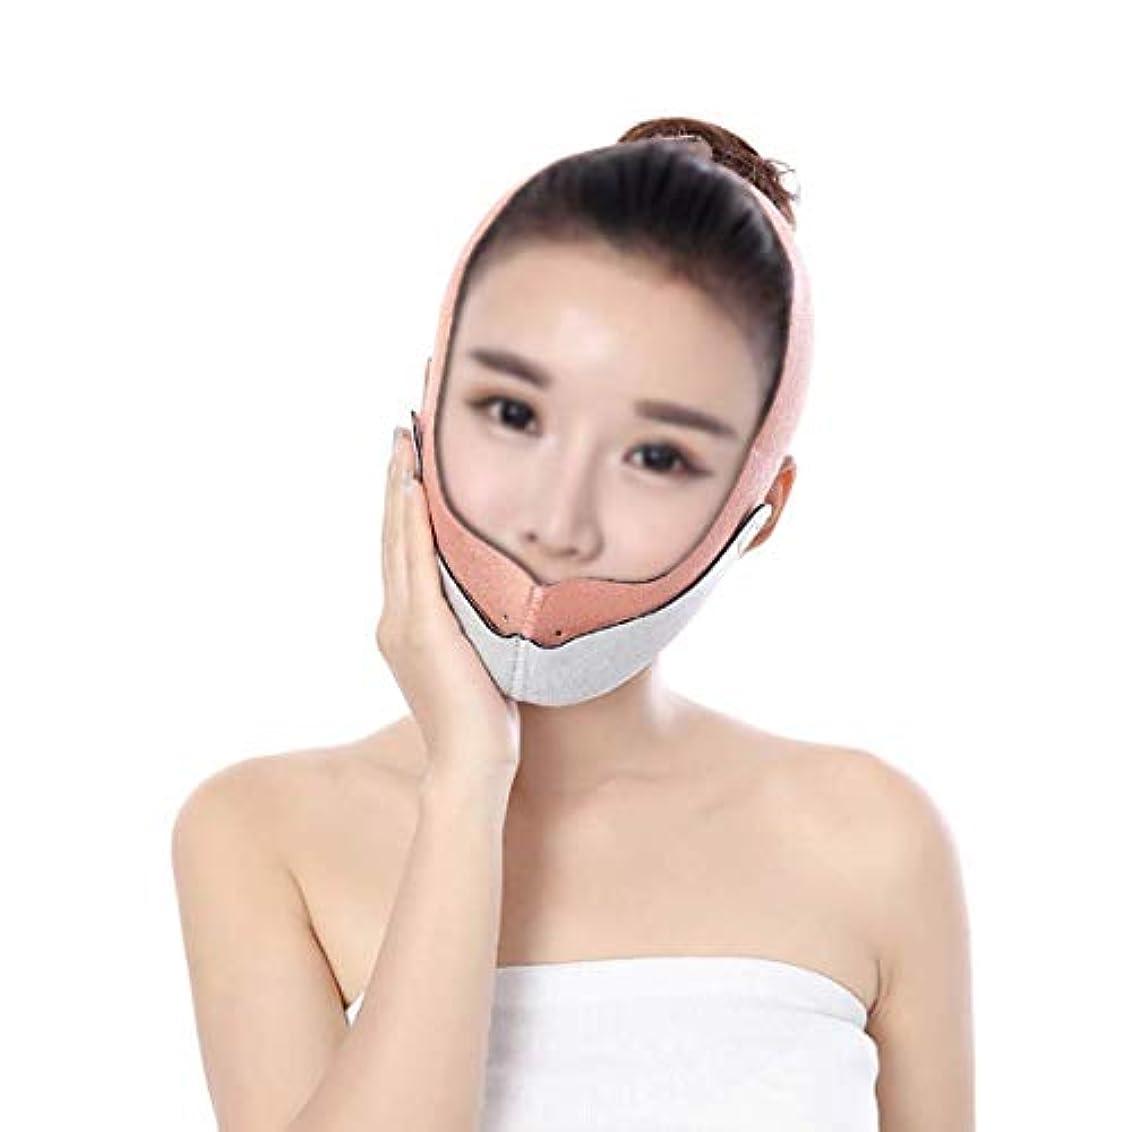 パーク適切なエステートファーミングフェイスマスク、フェイスリフティングアーティファクト修正フェイスリフティングベルトたるみ防止包帯美容マスクマスクV顔布ツール